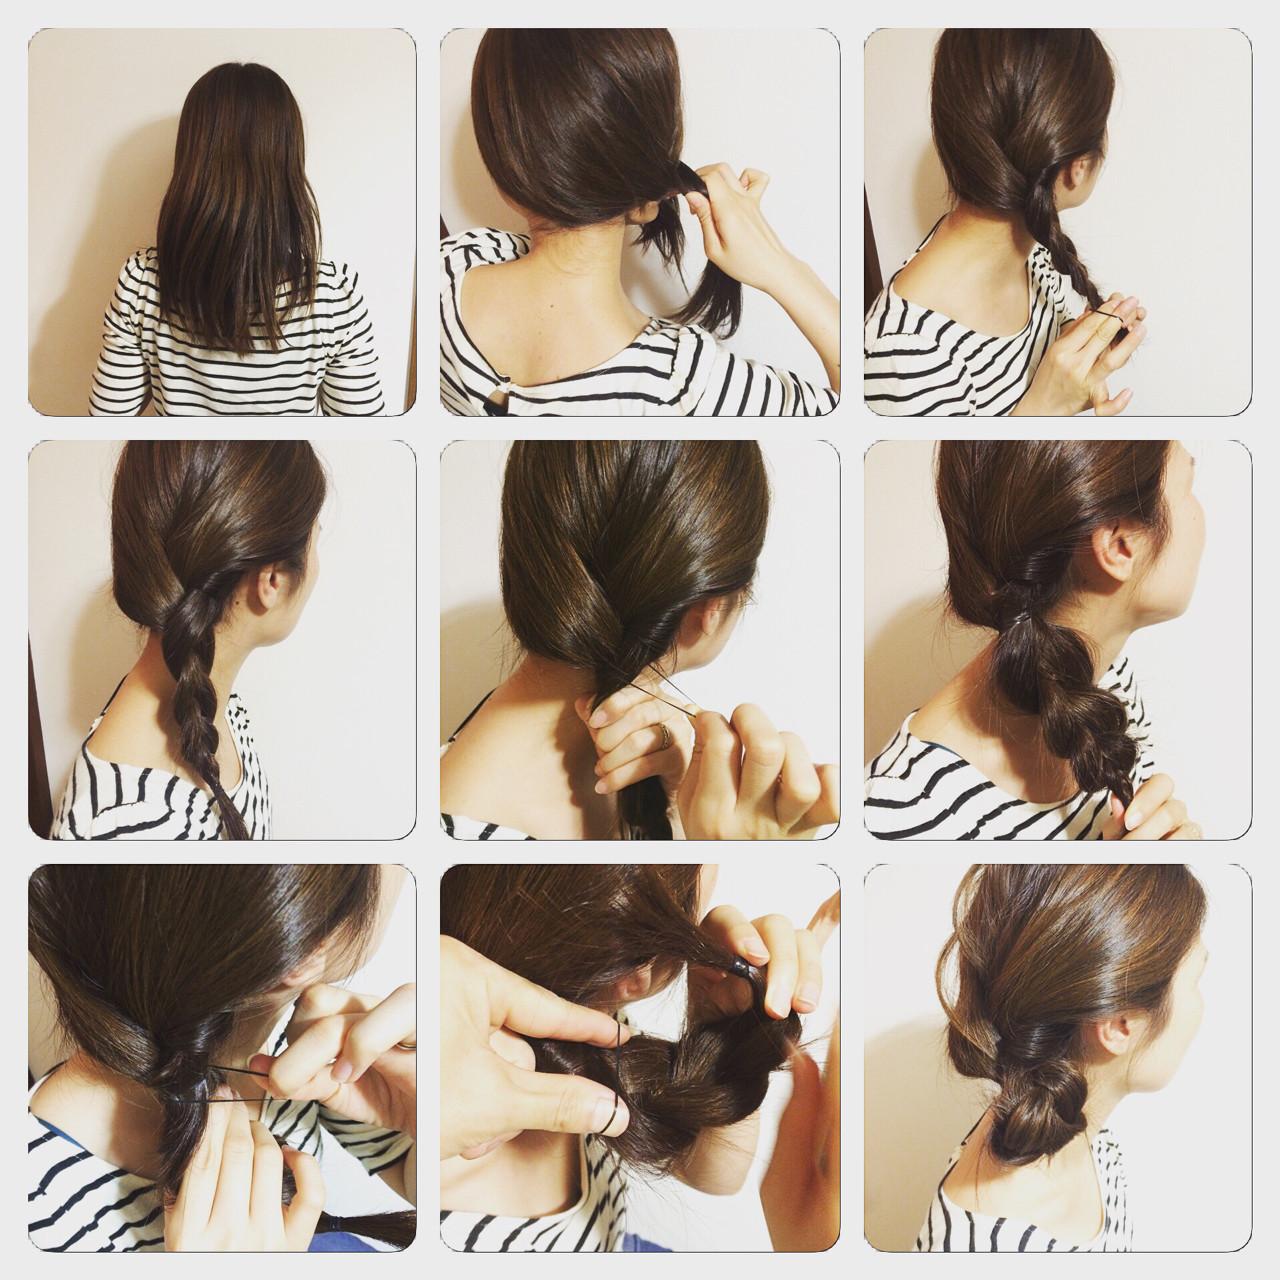 シニヨン ショート ヘアアレンジ 簡単ヘアアレンジ ヘアスタイルや髪型の写真・画像